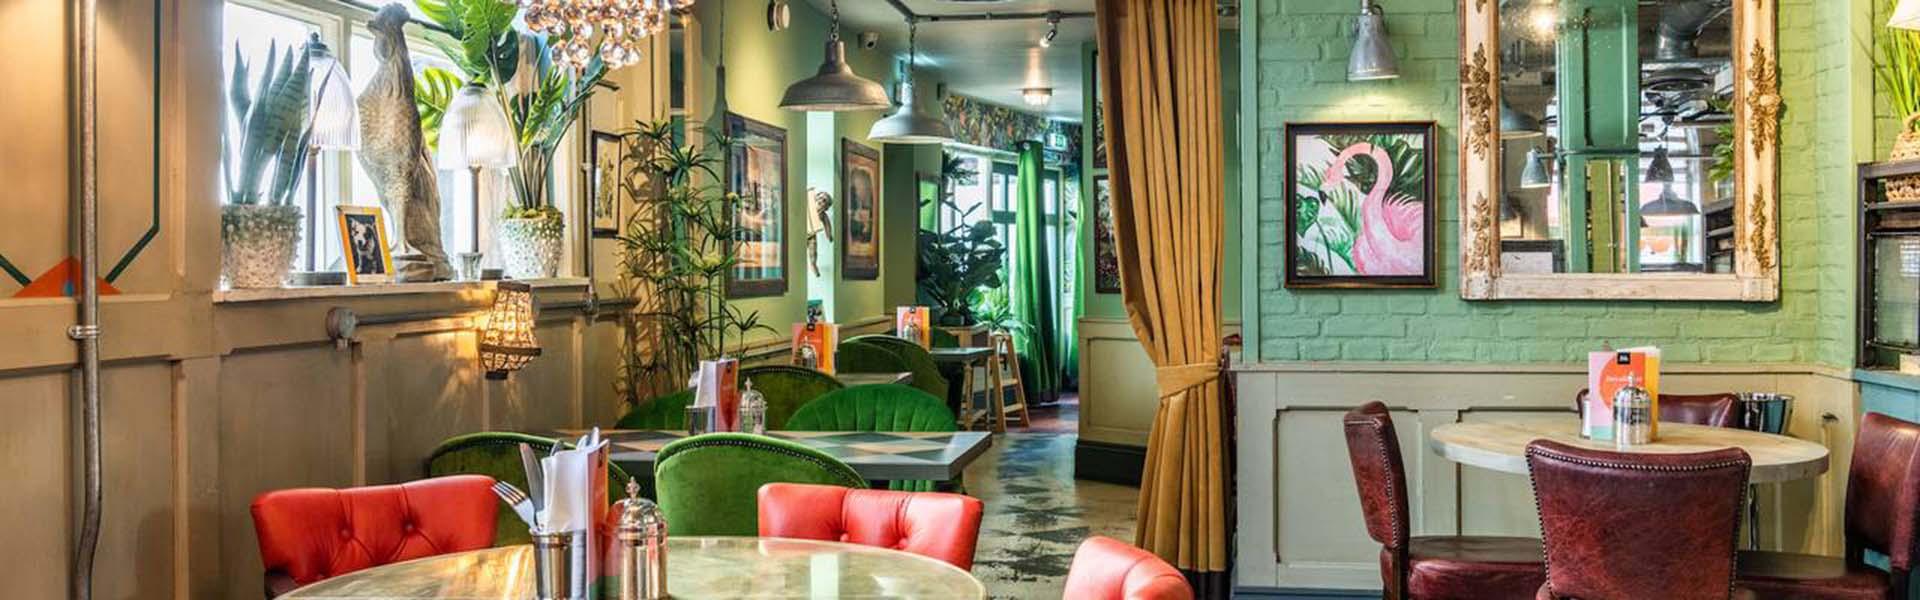 Interior of Bill's Restaurant in Sevenoaks